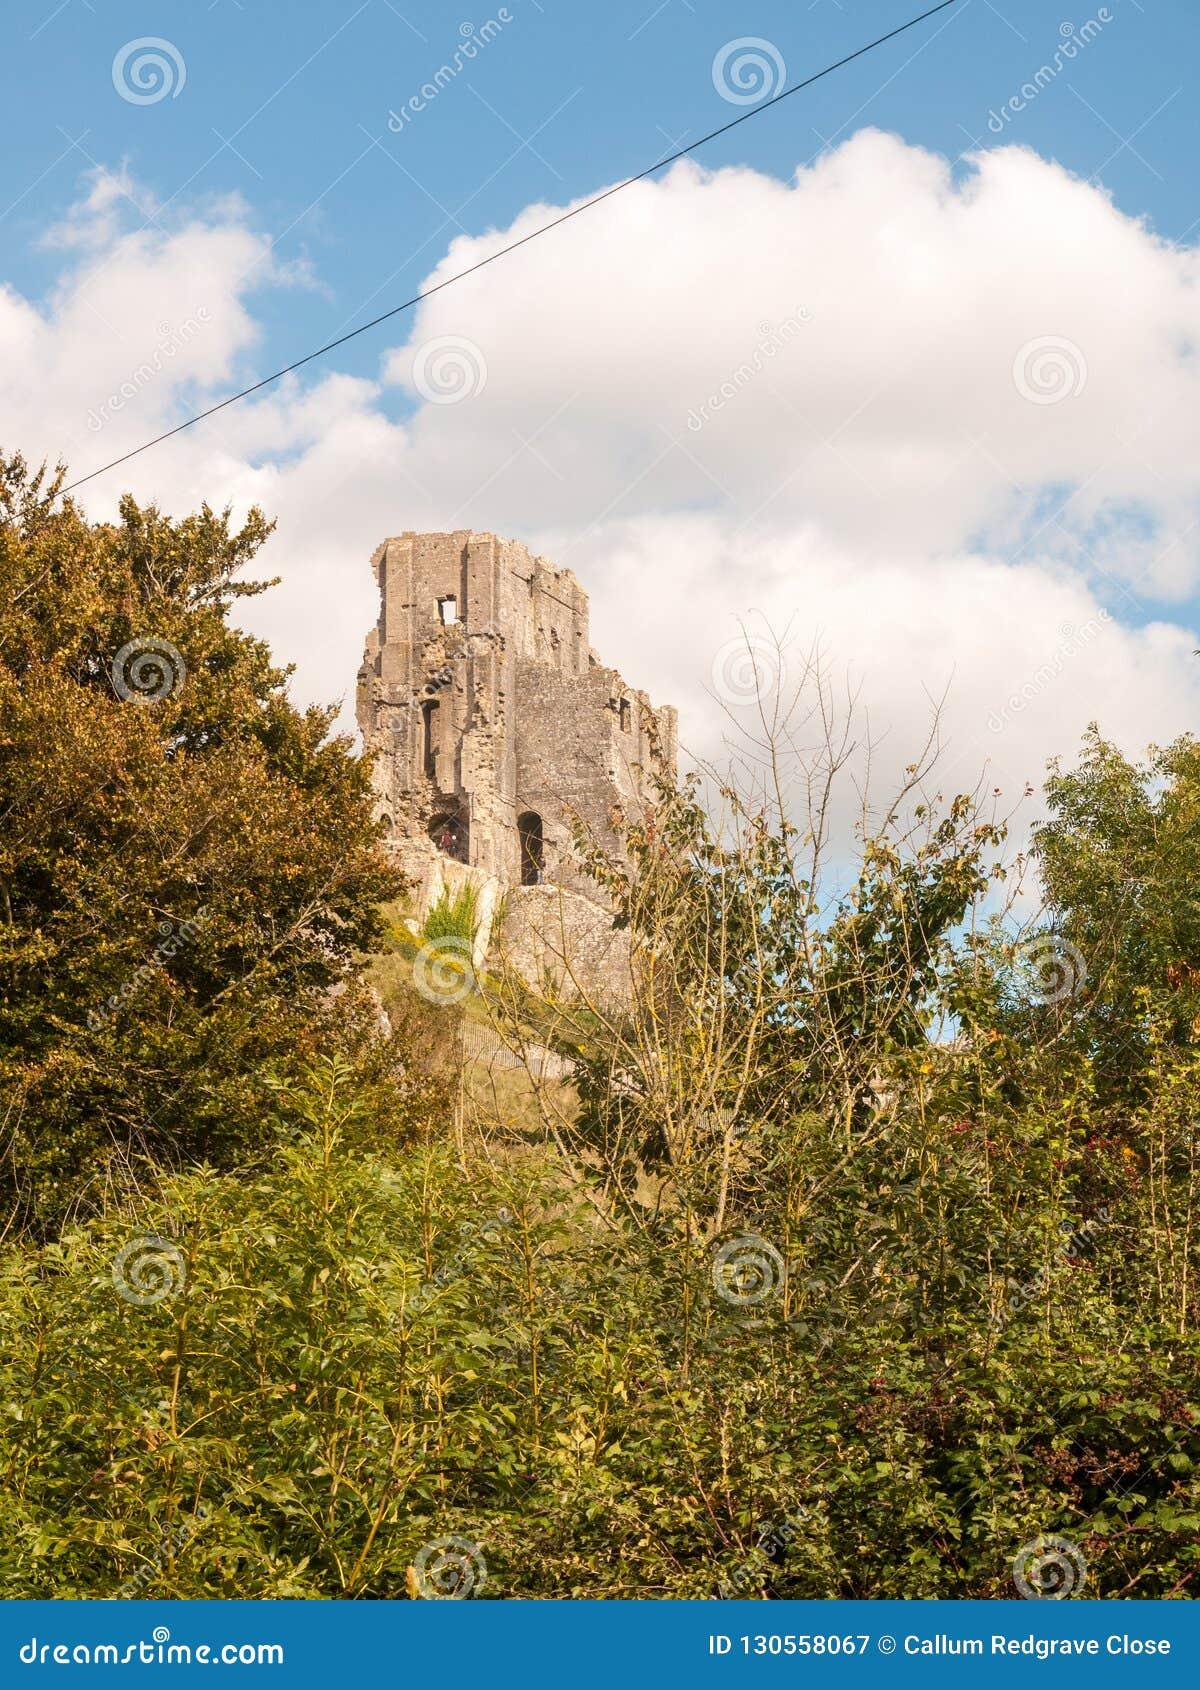 Corfe Castle Stock Image Cartoondealer Com 81905977